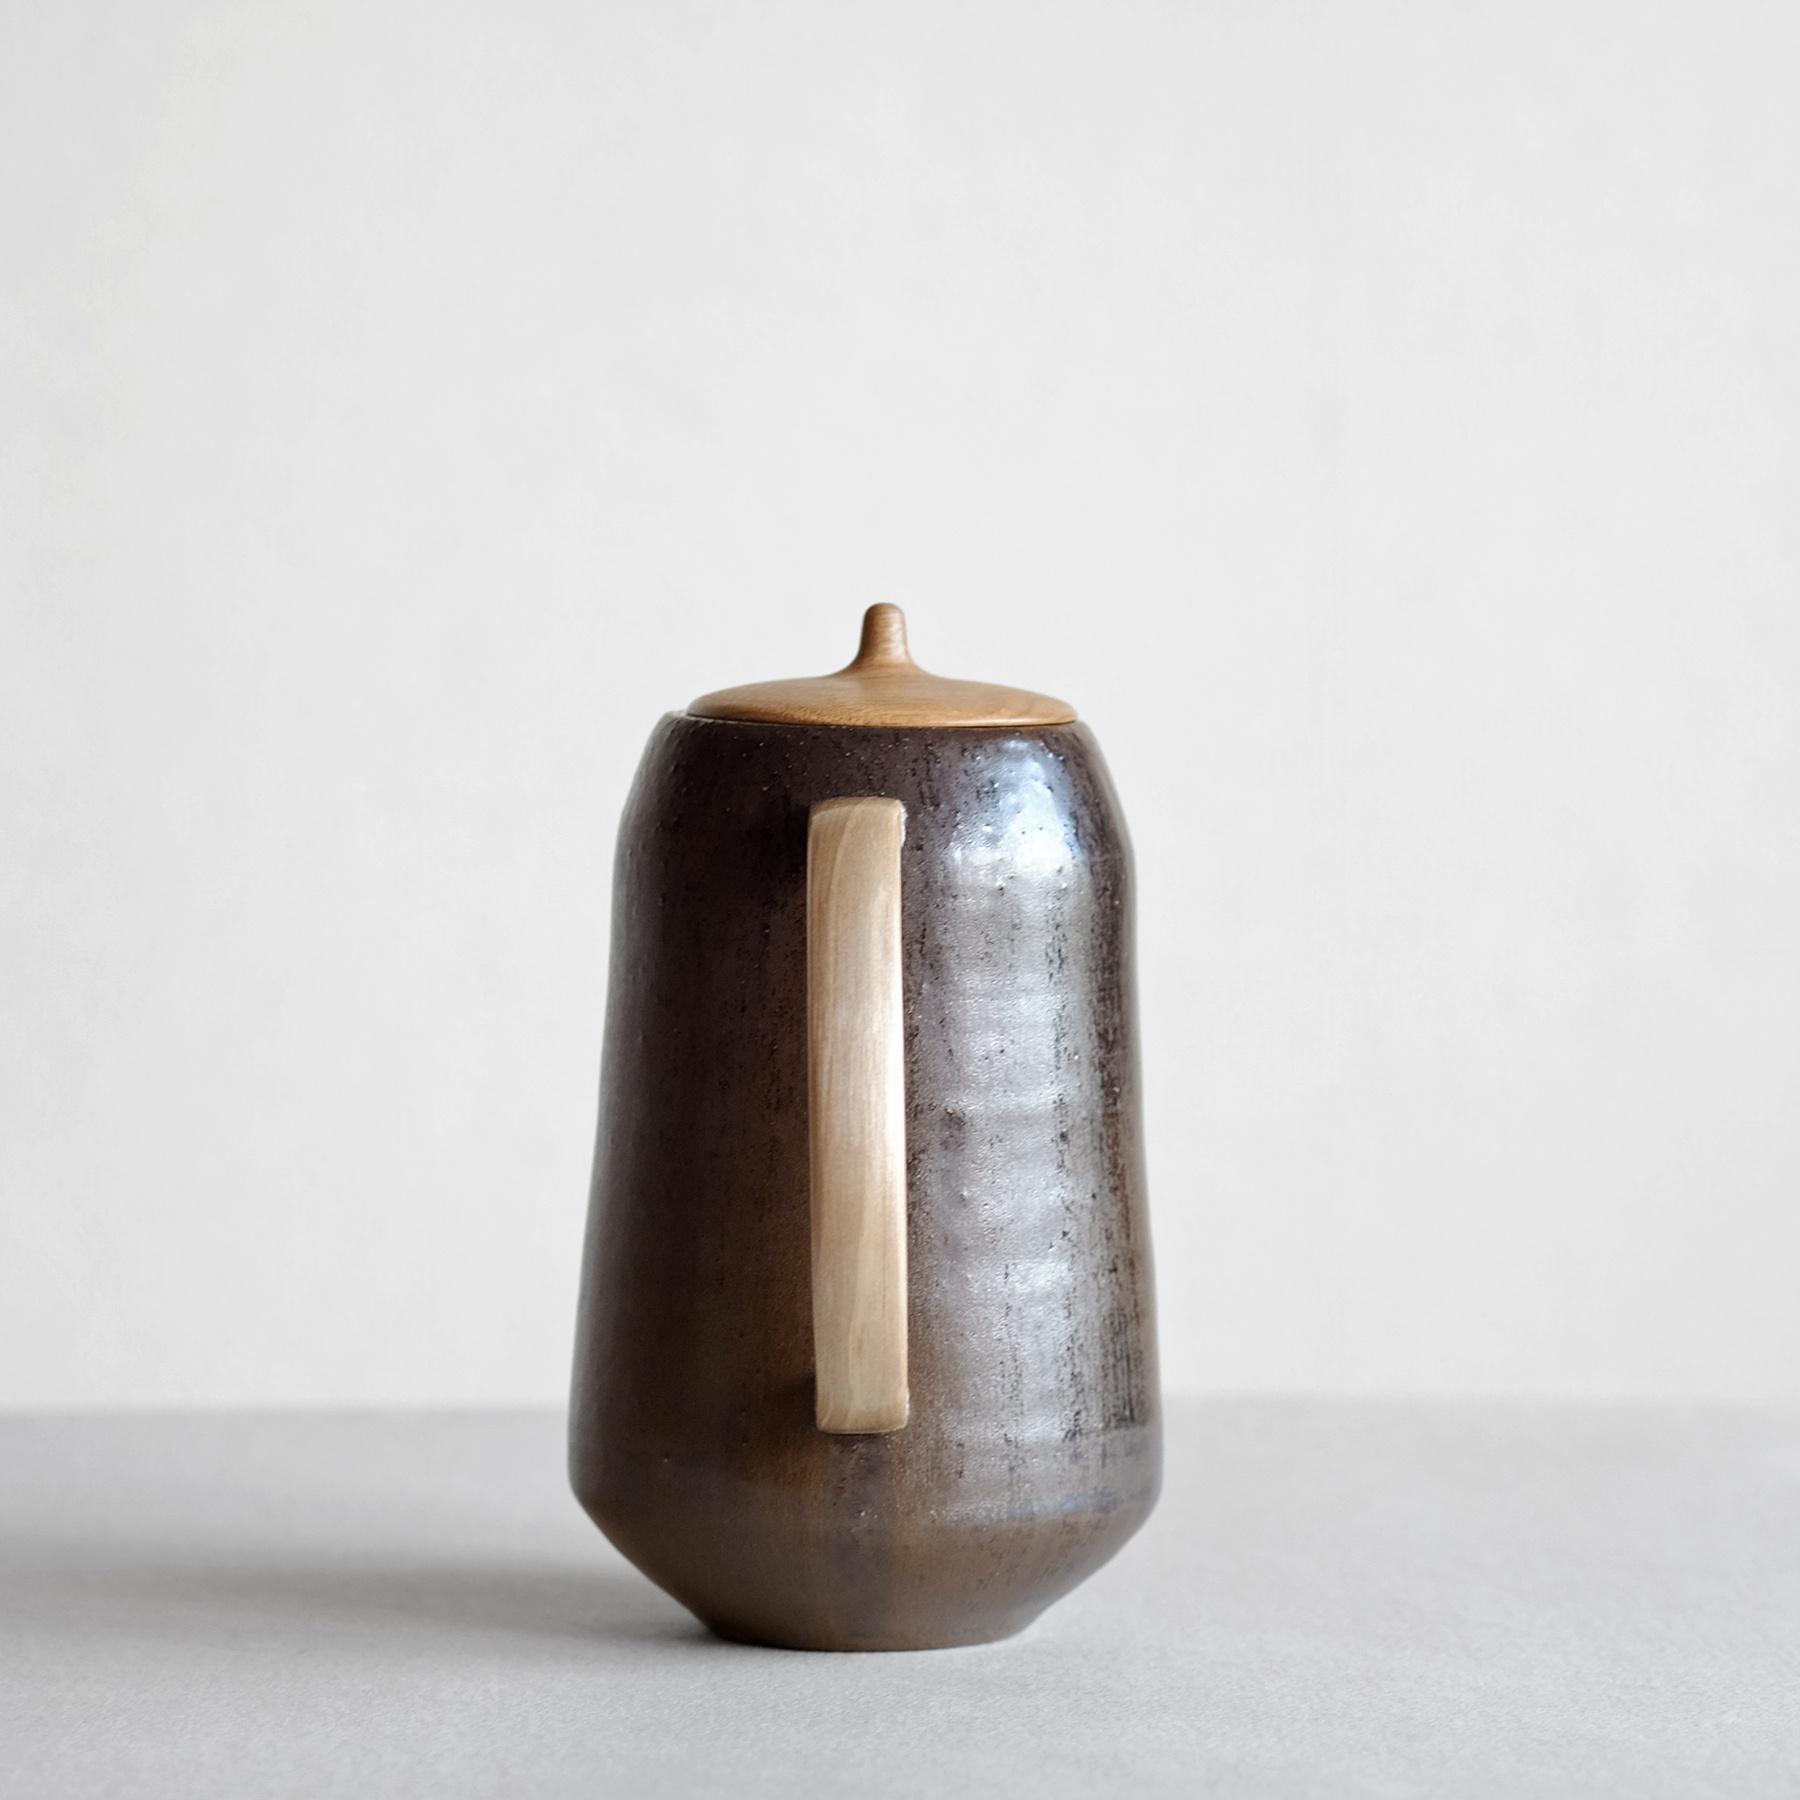 Iron with wooden Teapot - Sfera